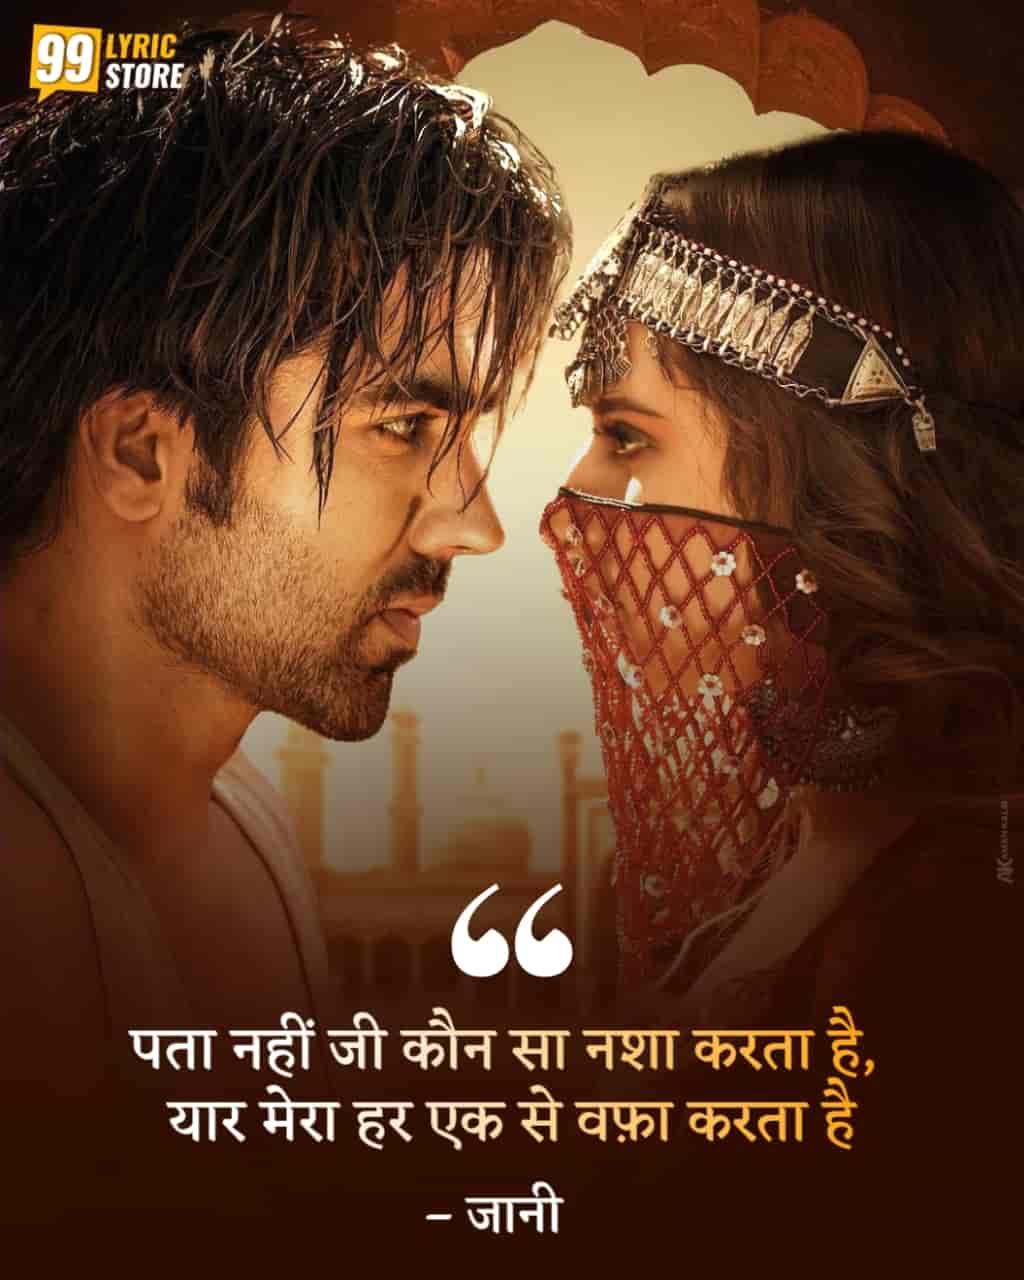 Titliaan Punjabi Song Image Features Harrdy Sandhu and Sargun Mehta